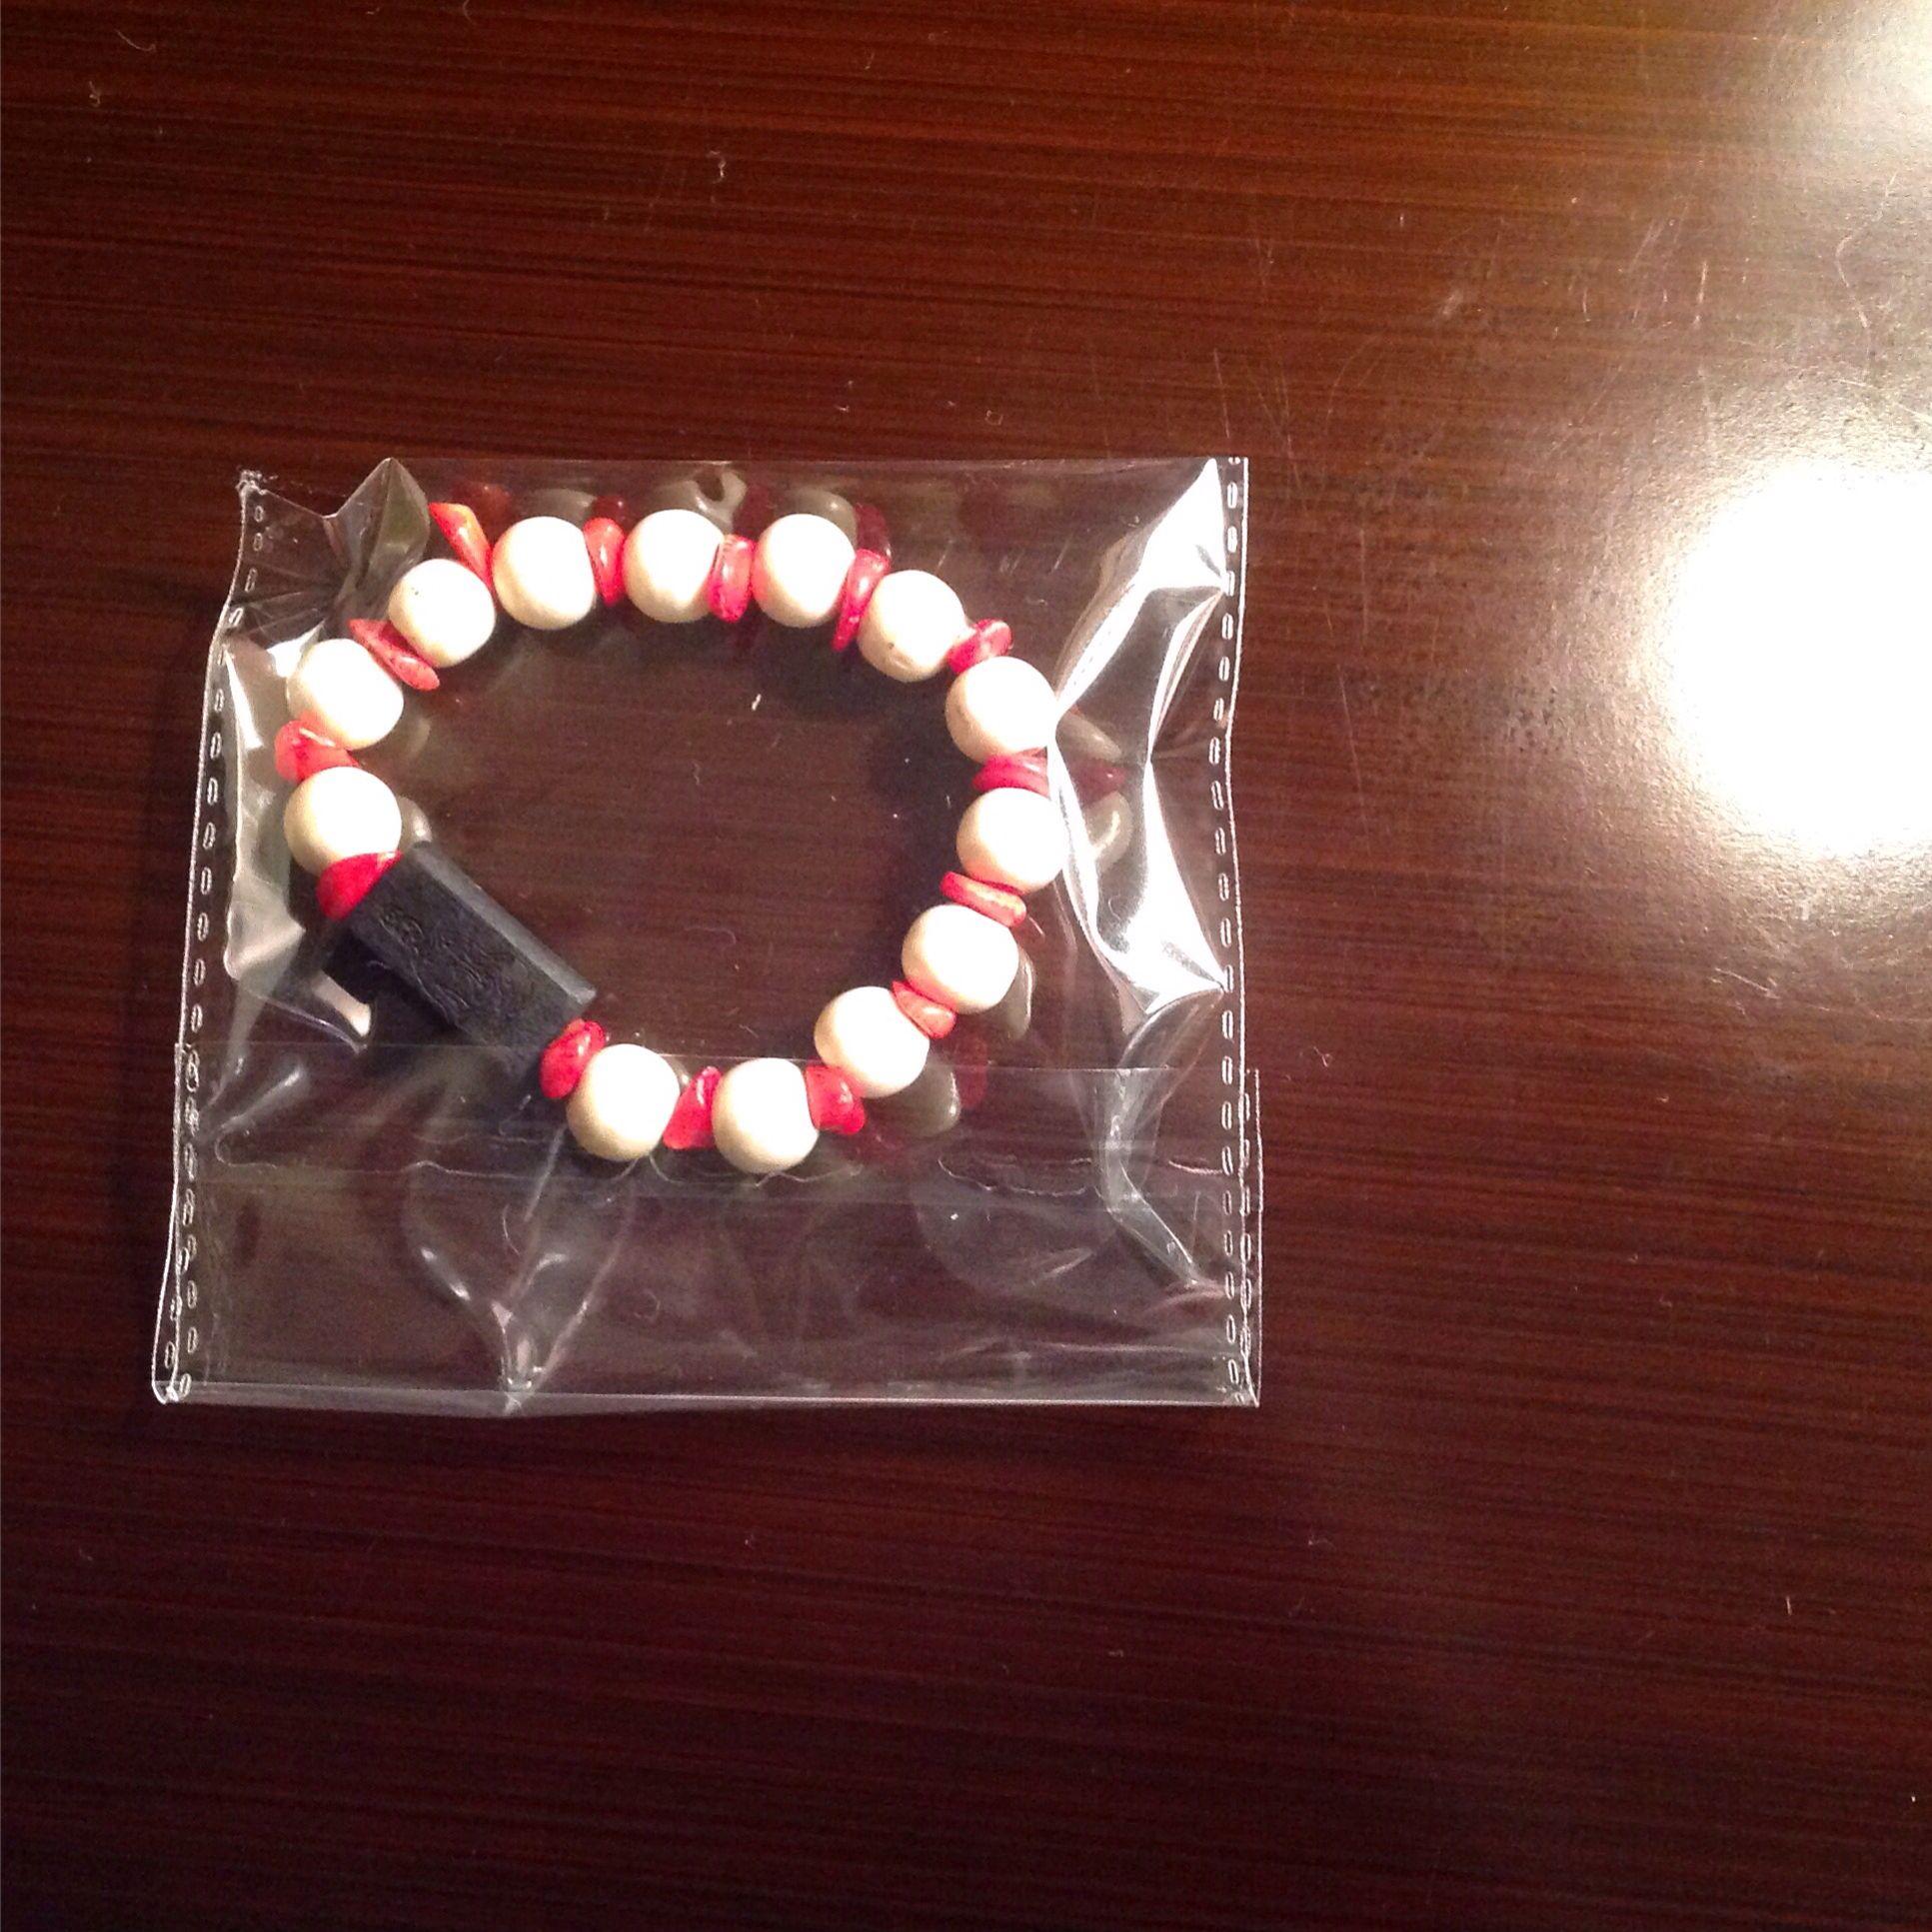 Brazalete tibetana con abalorios blancos con coral rojo para mujeres y hombres